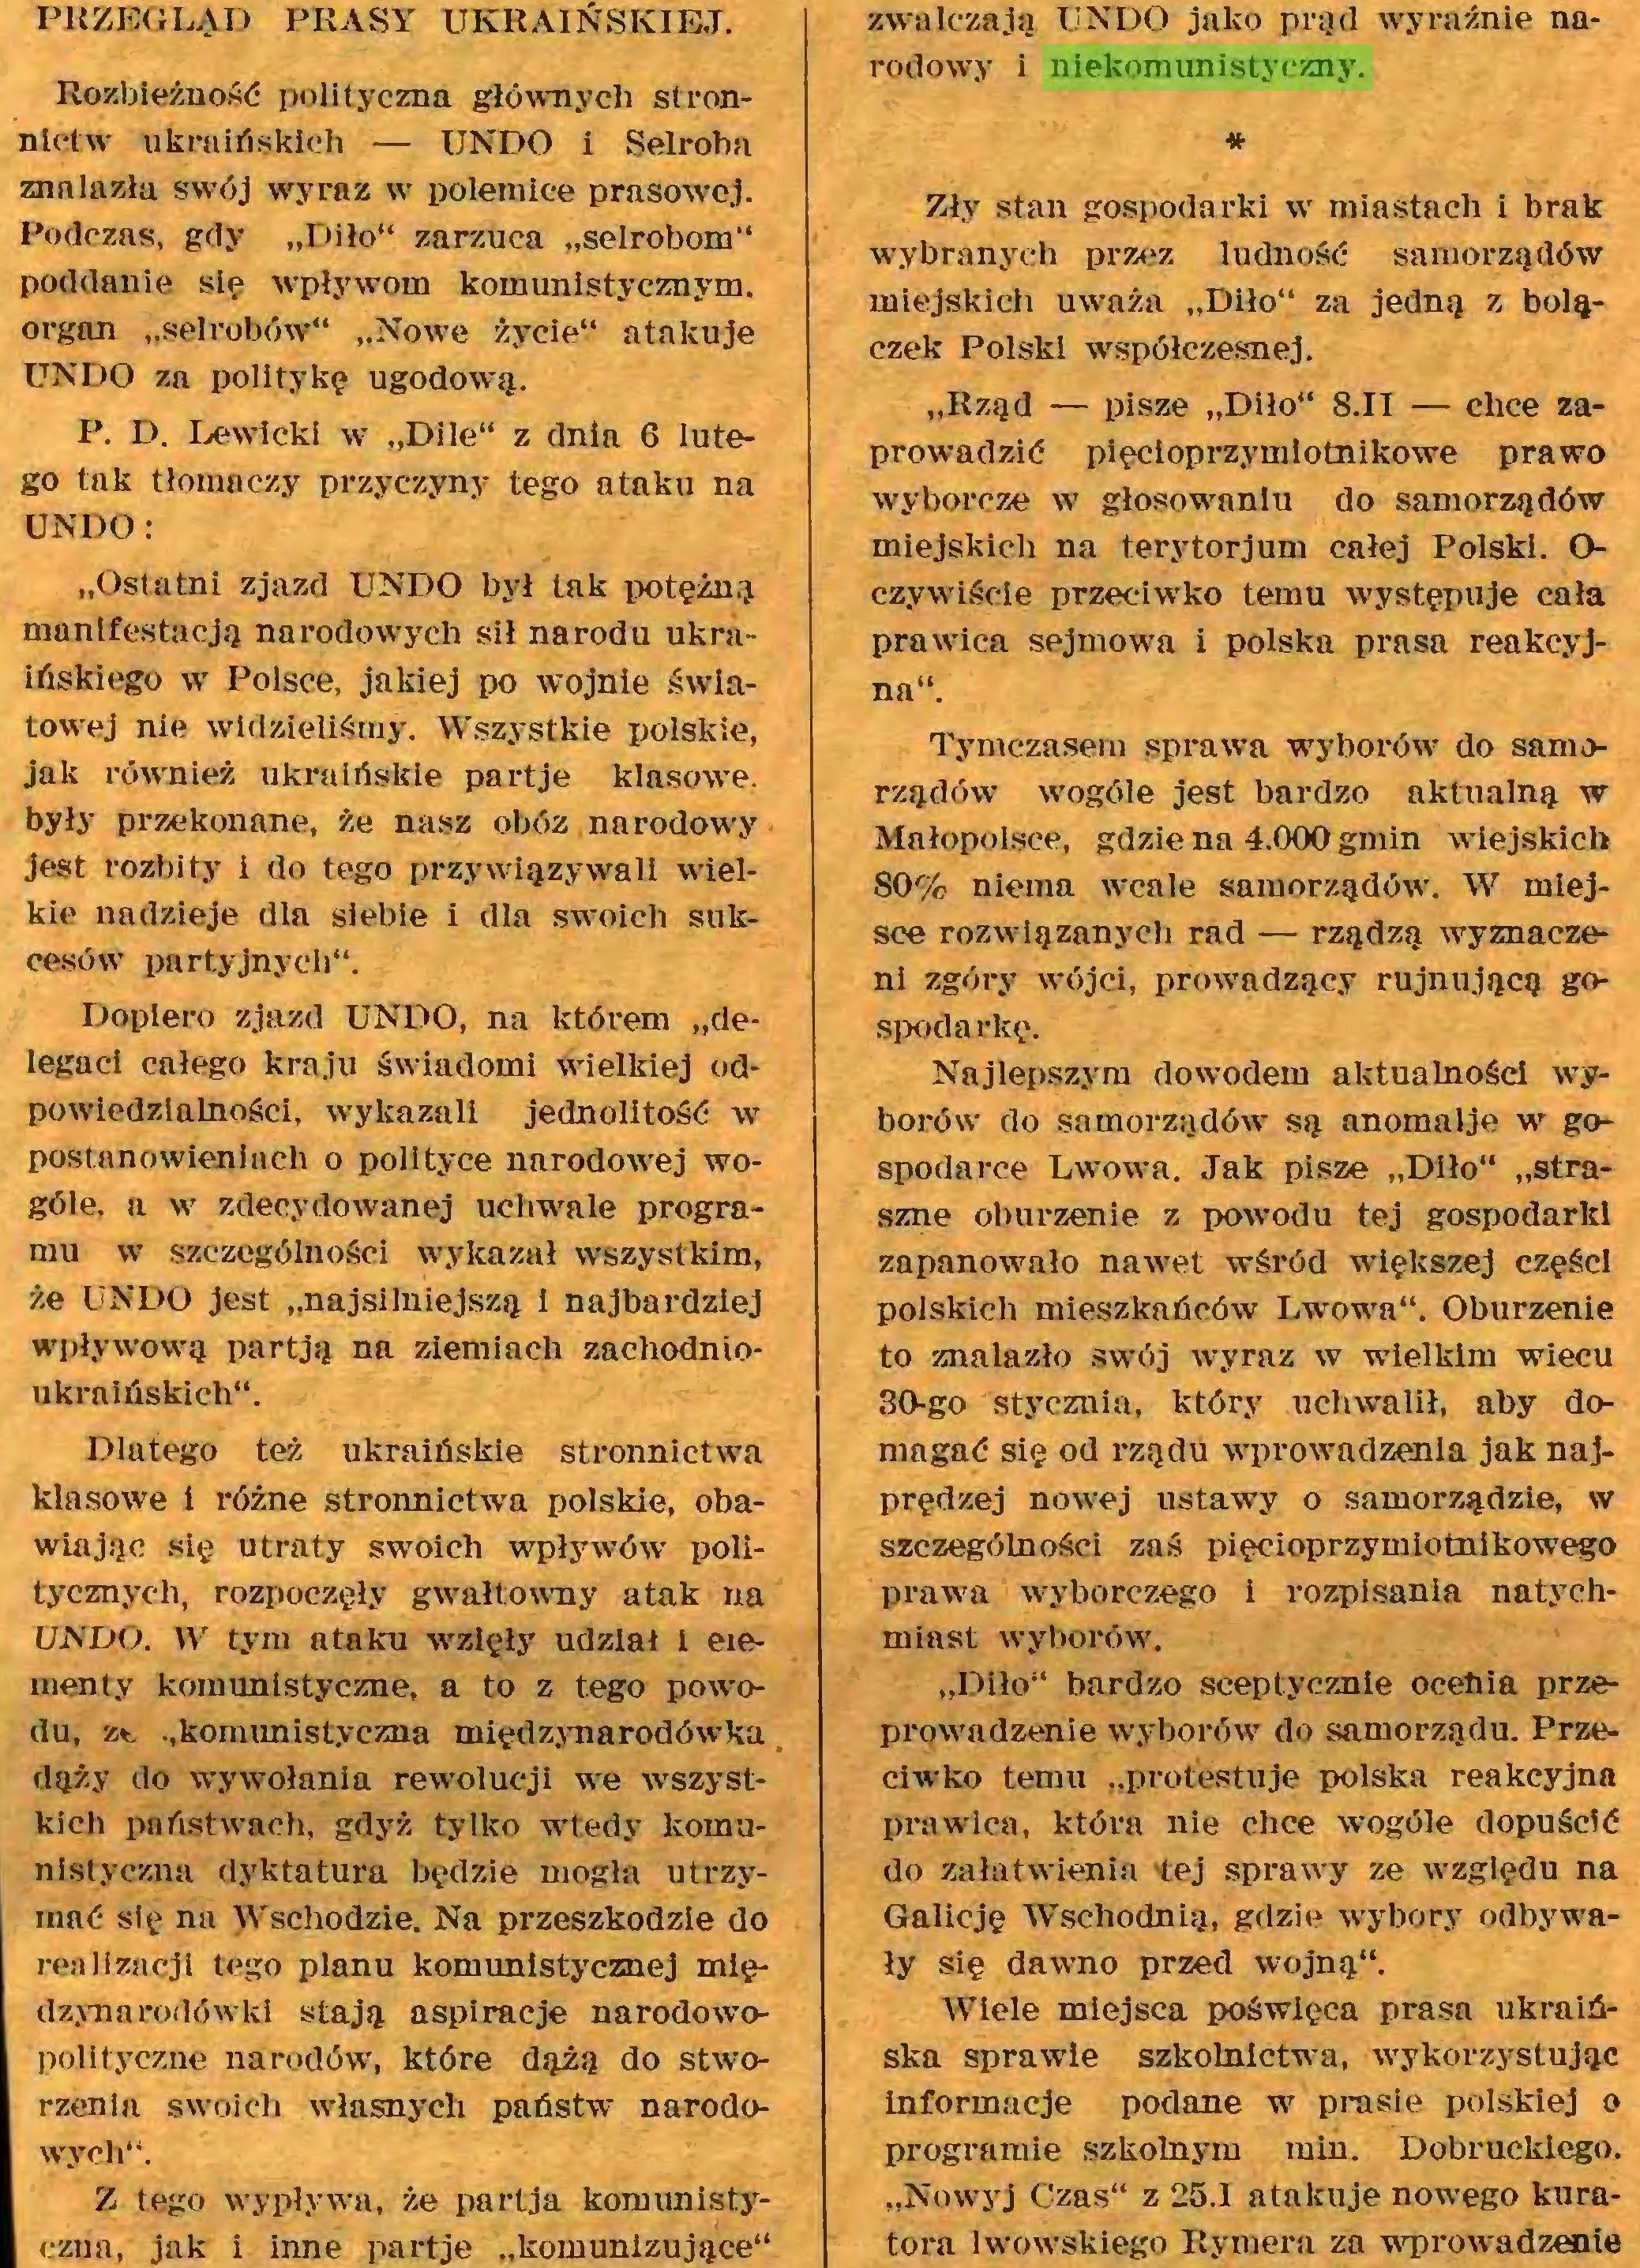 """(...) Z tego wypływa, że partja komunistyczna, jak i inne partje """"komunizujące"""" zwalczają UNDO jako prąd wyraźnie narodowy i niekomunistyczny..."""